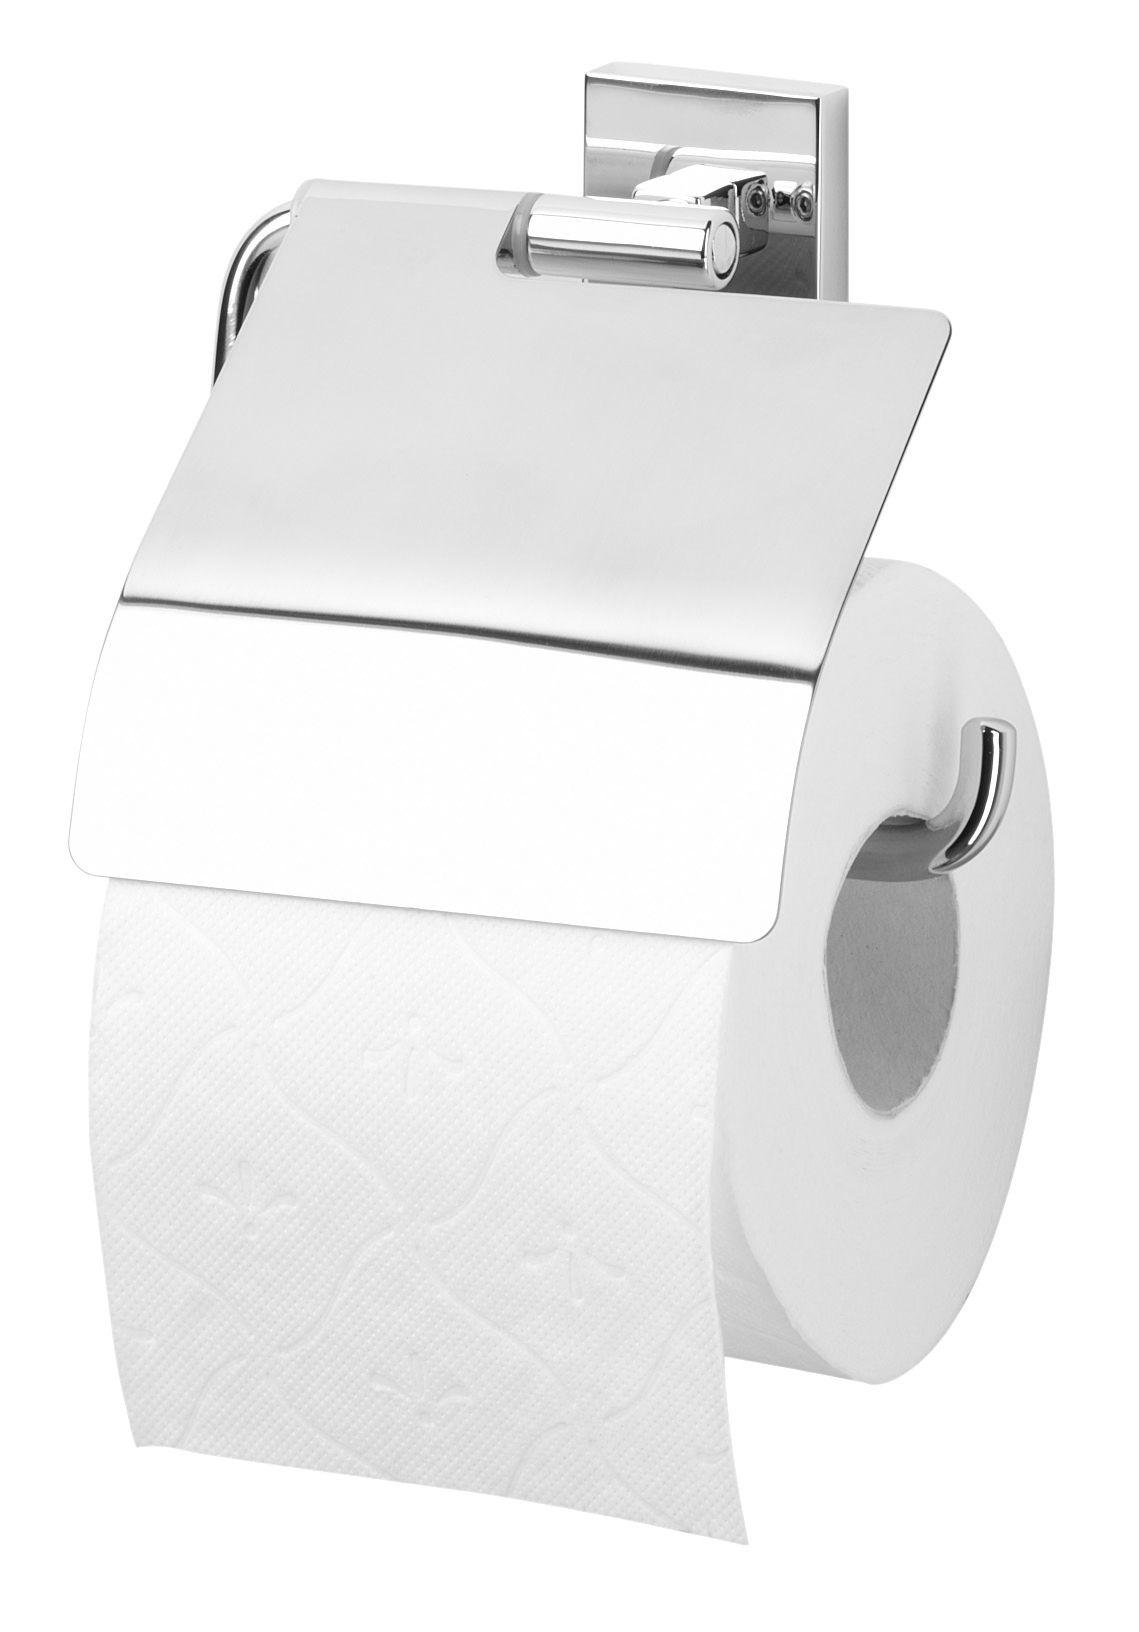 Tiger Melbourne toiletrolhouder chroom | mijn Tiger badkamer ...